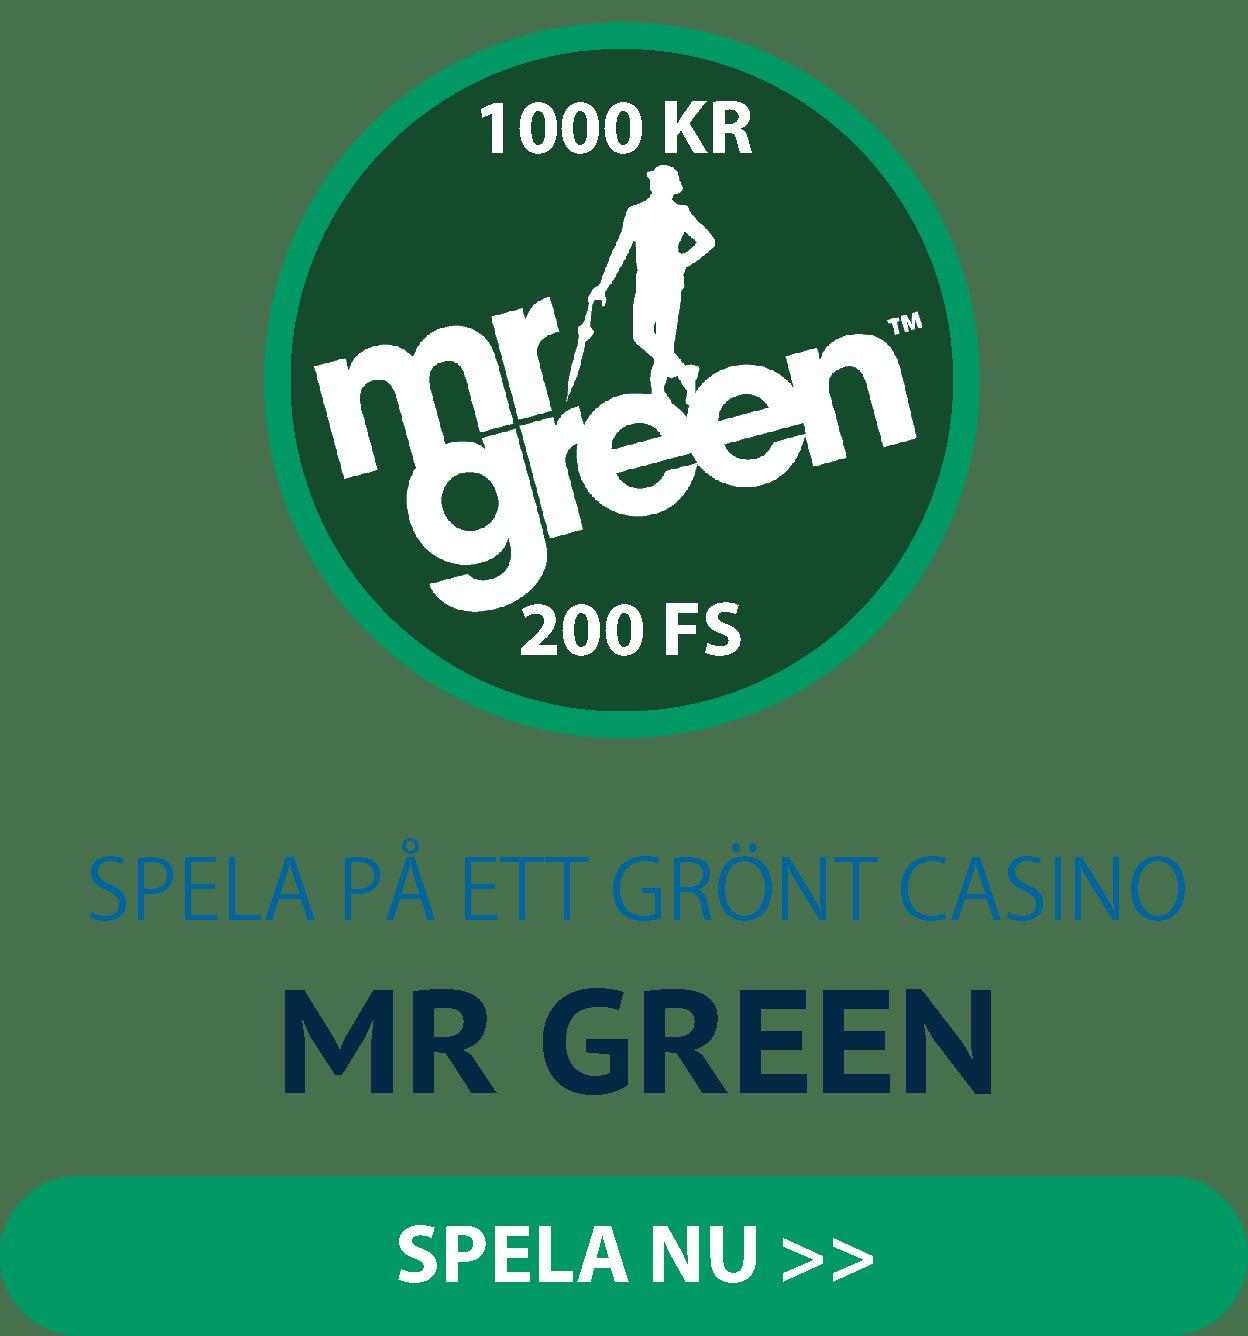 Börja spela på Mr Green